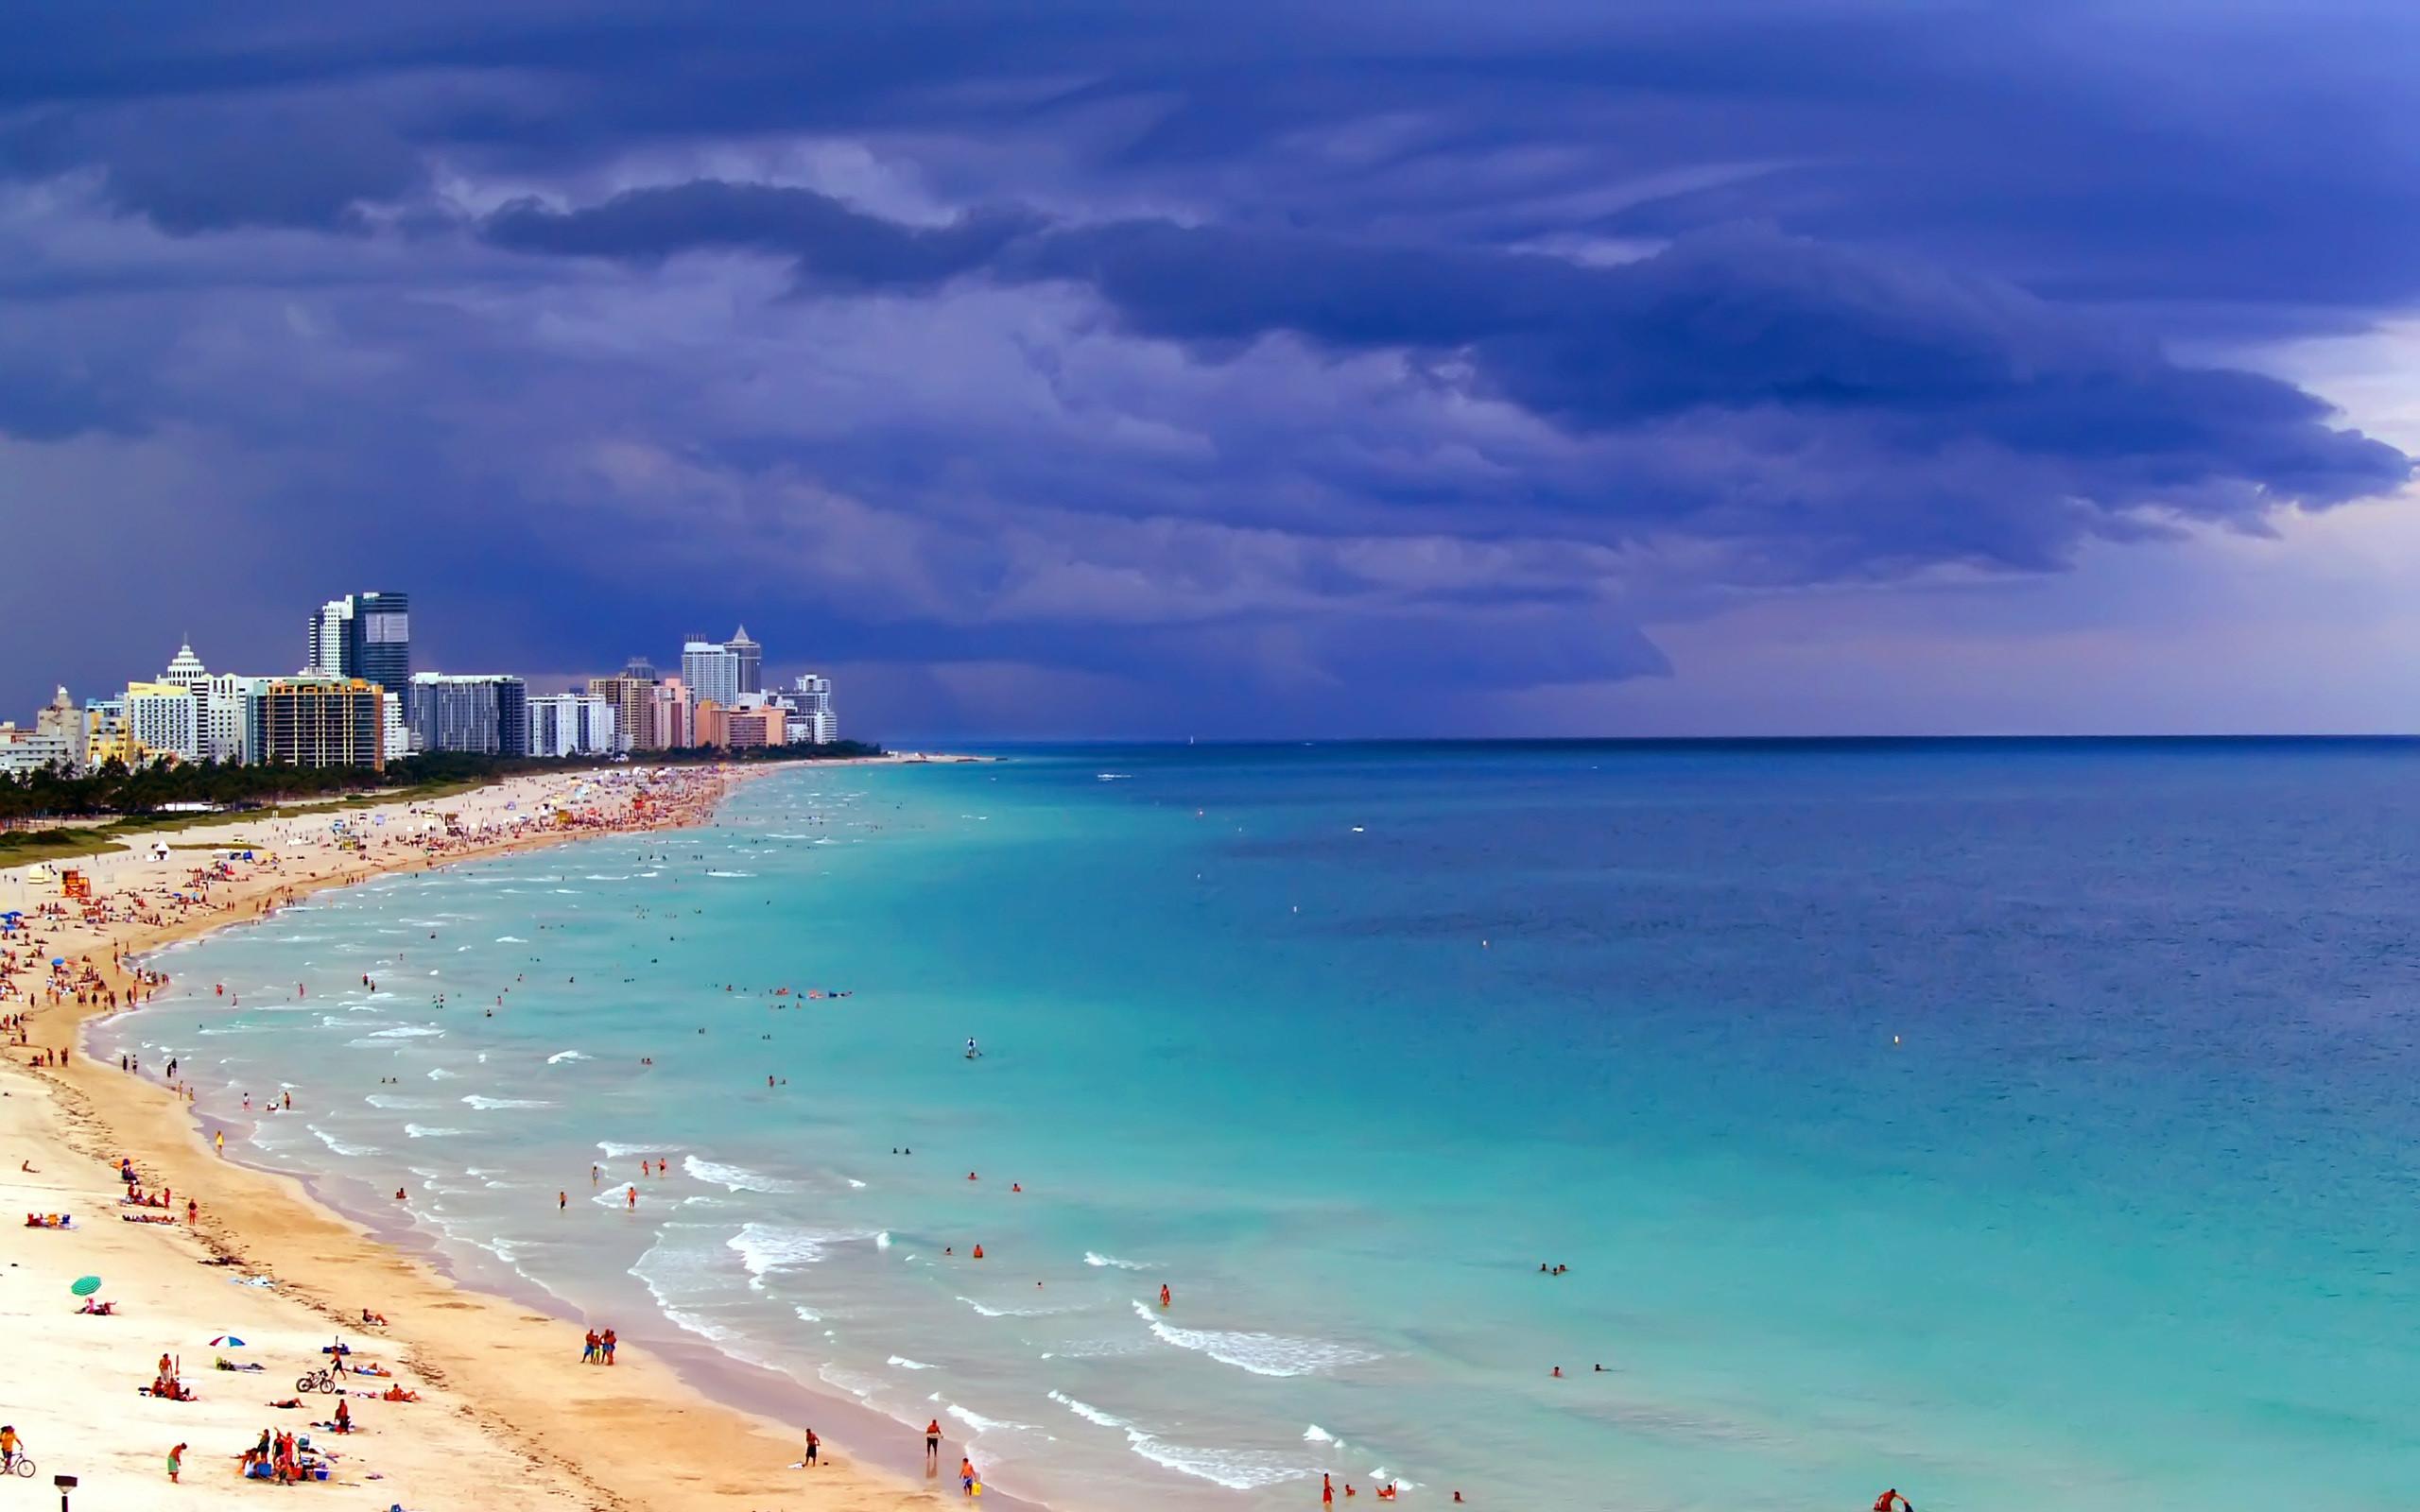 Blue sea in Miami